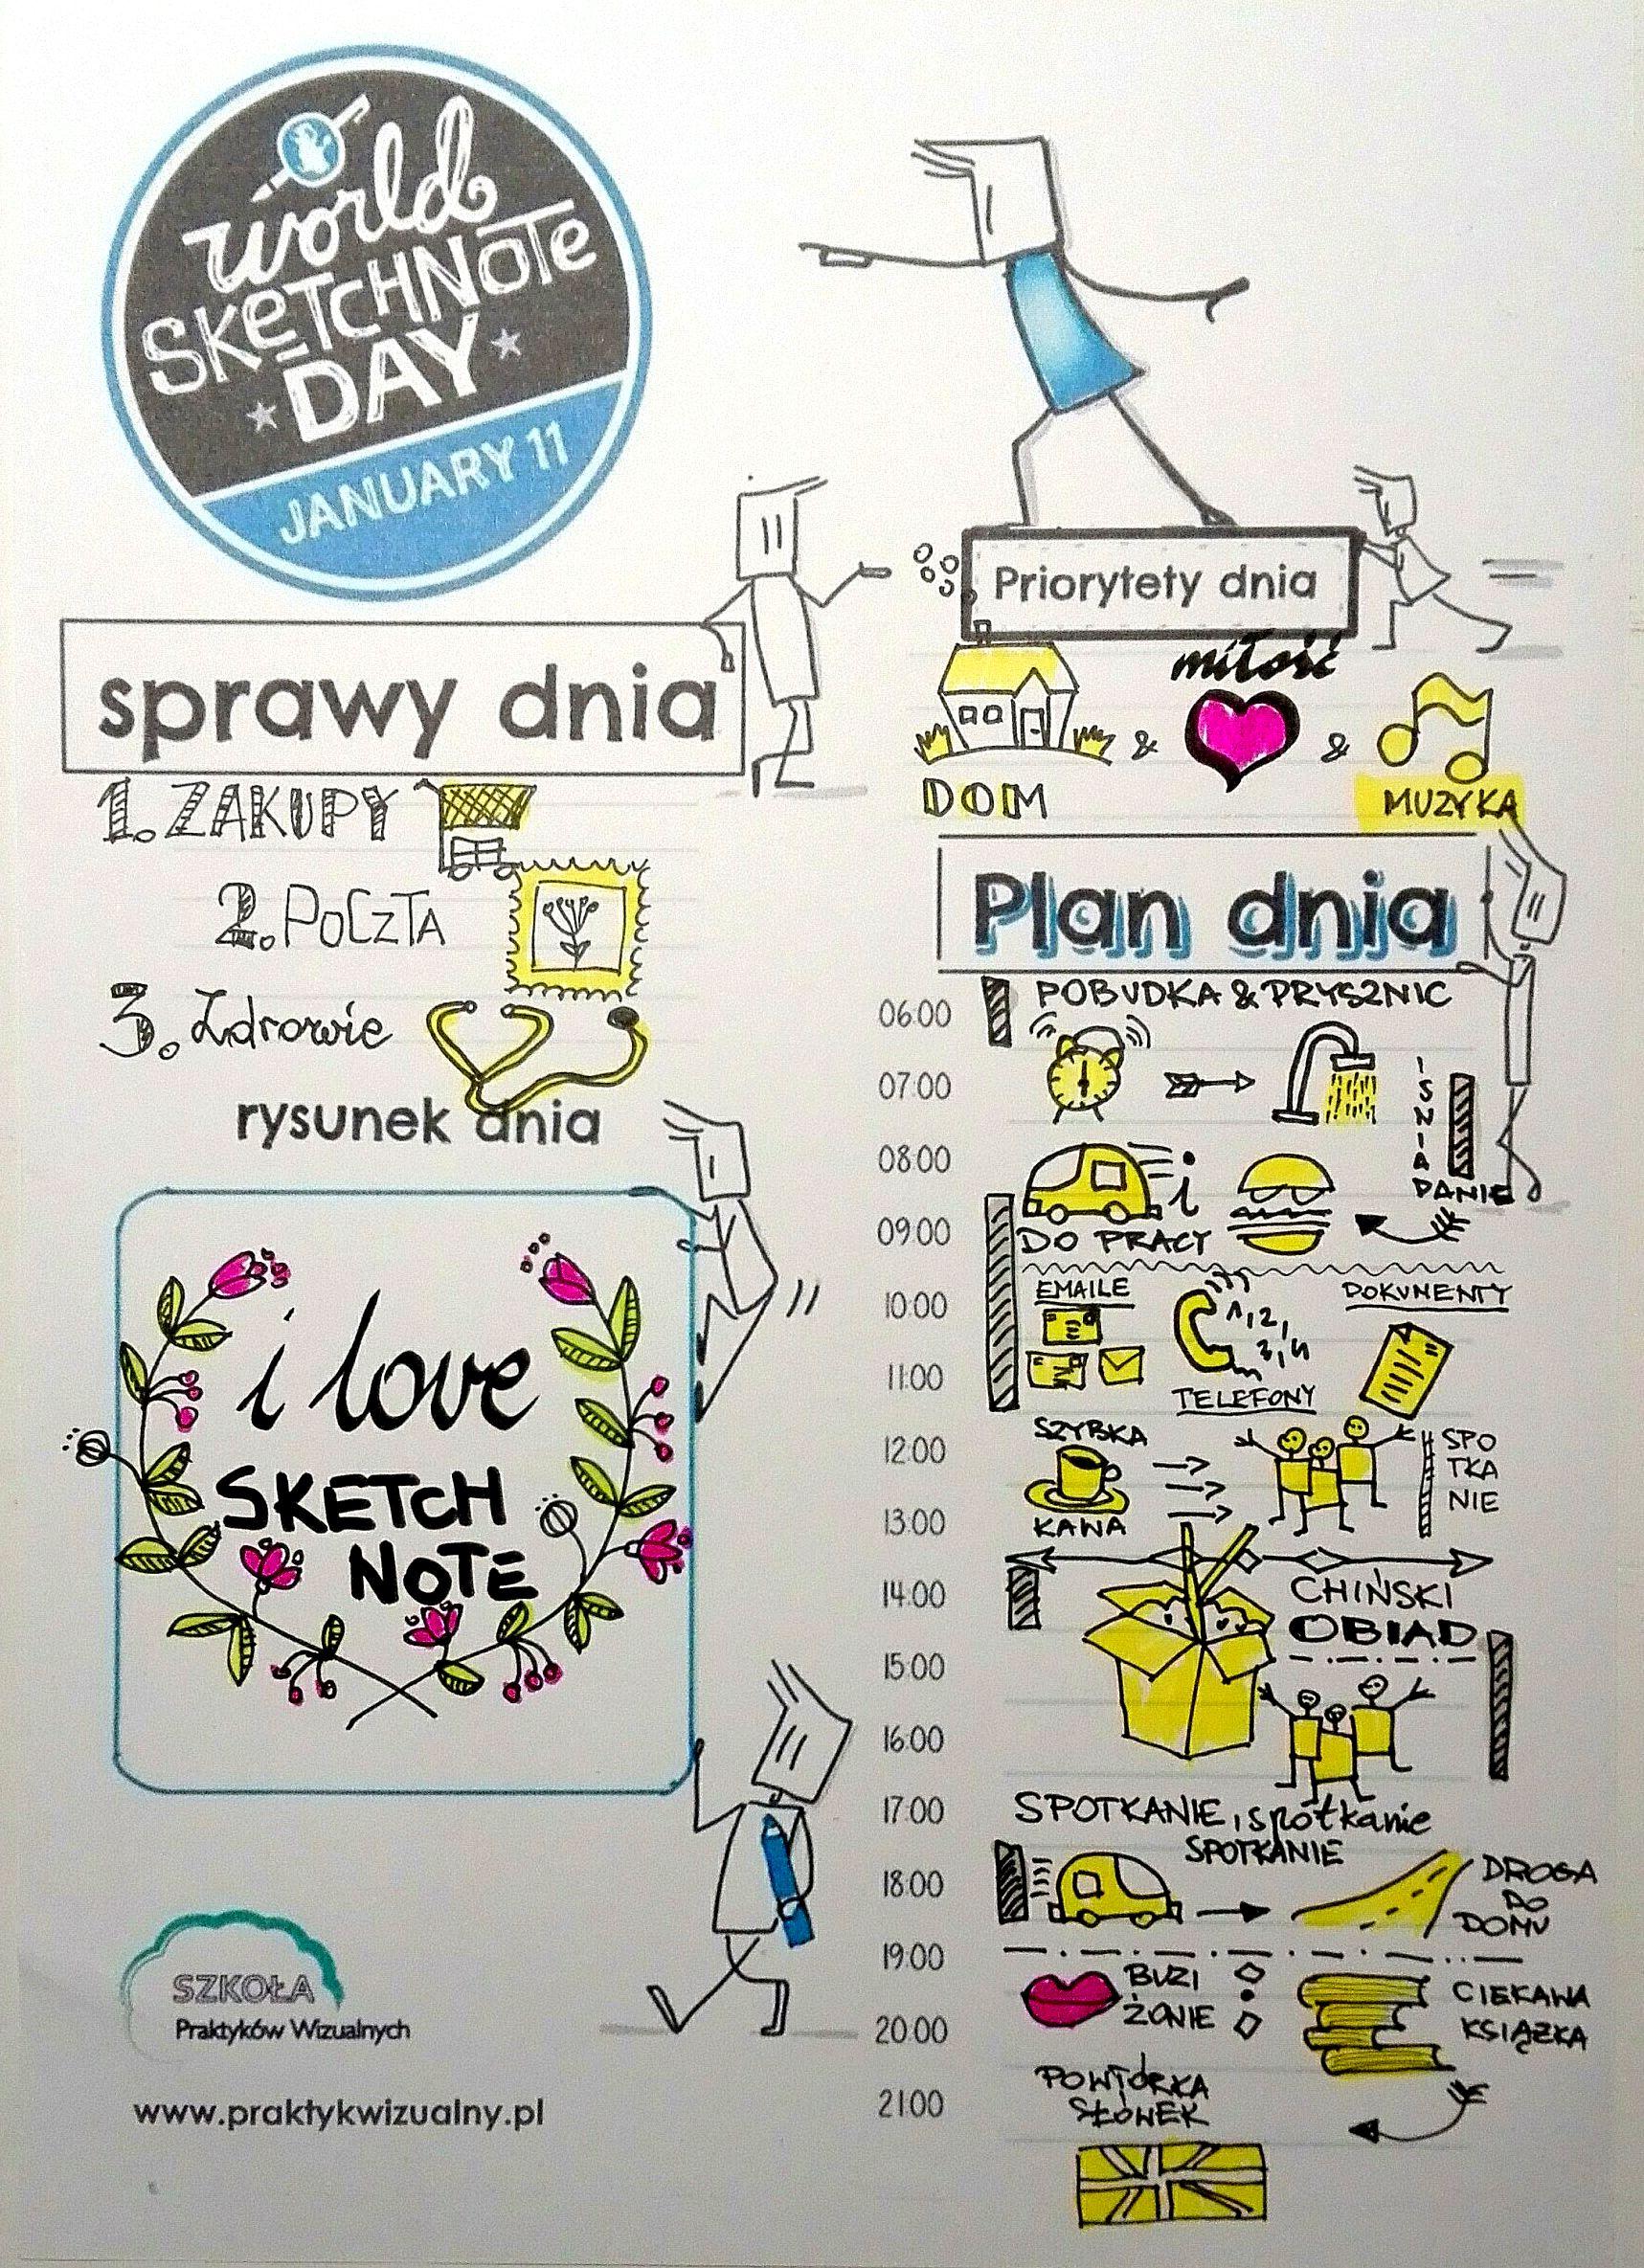 konkurs sketchnoting world sketchnote day